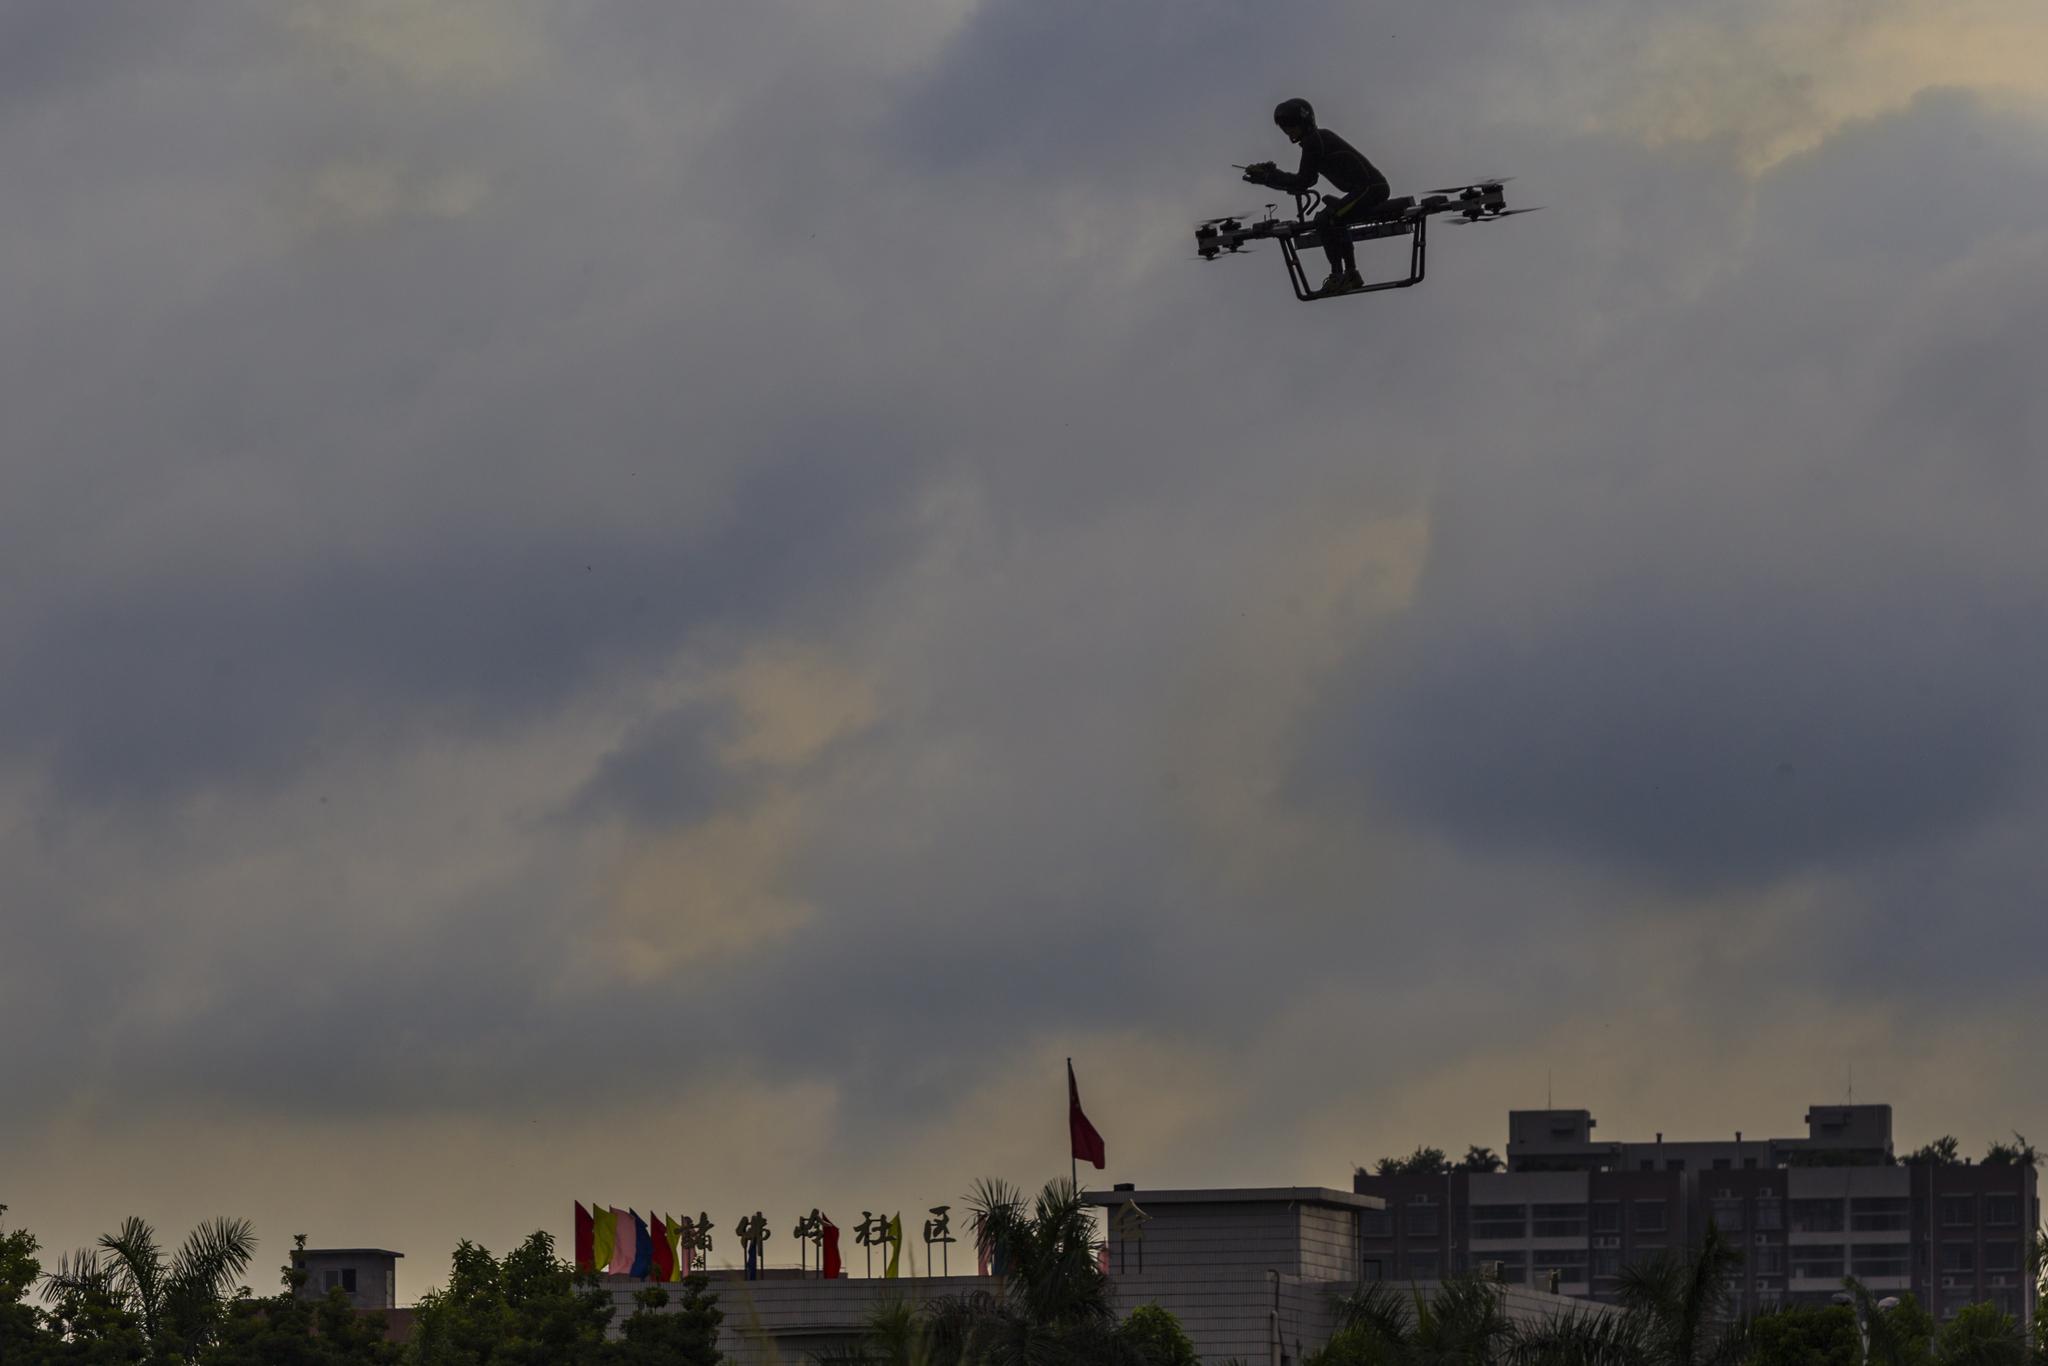 쟈오 델리가 12일 중국 둥관시에서 자신이 만든 '플라잉 스쿠터 flying scooter'를 타고 비행하고 있다. [EPA=연합뉴스]